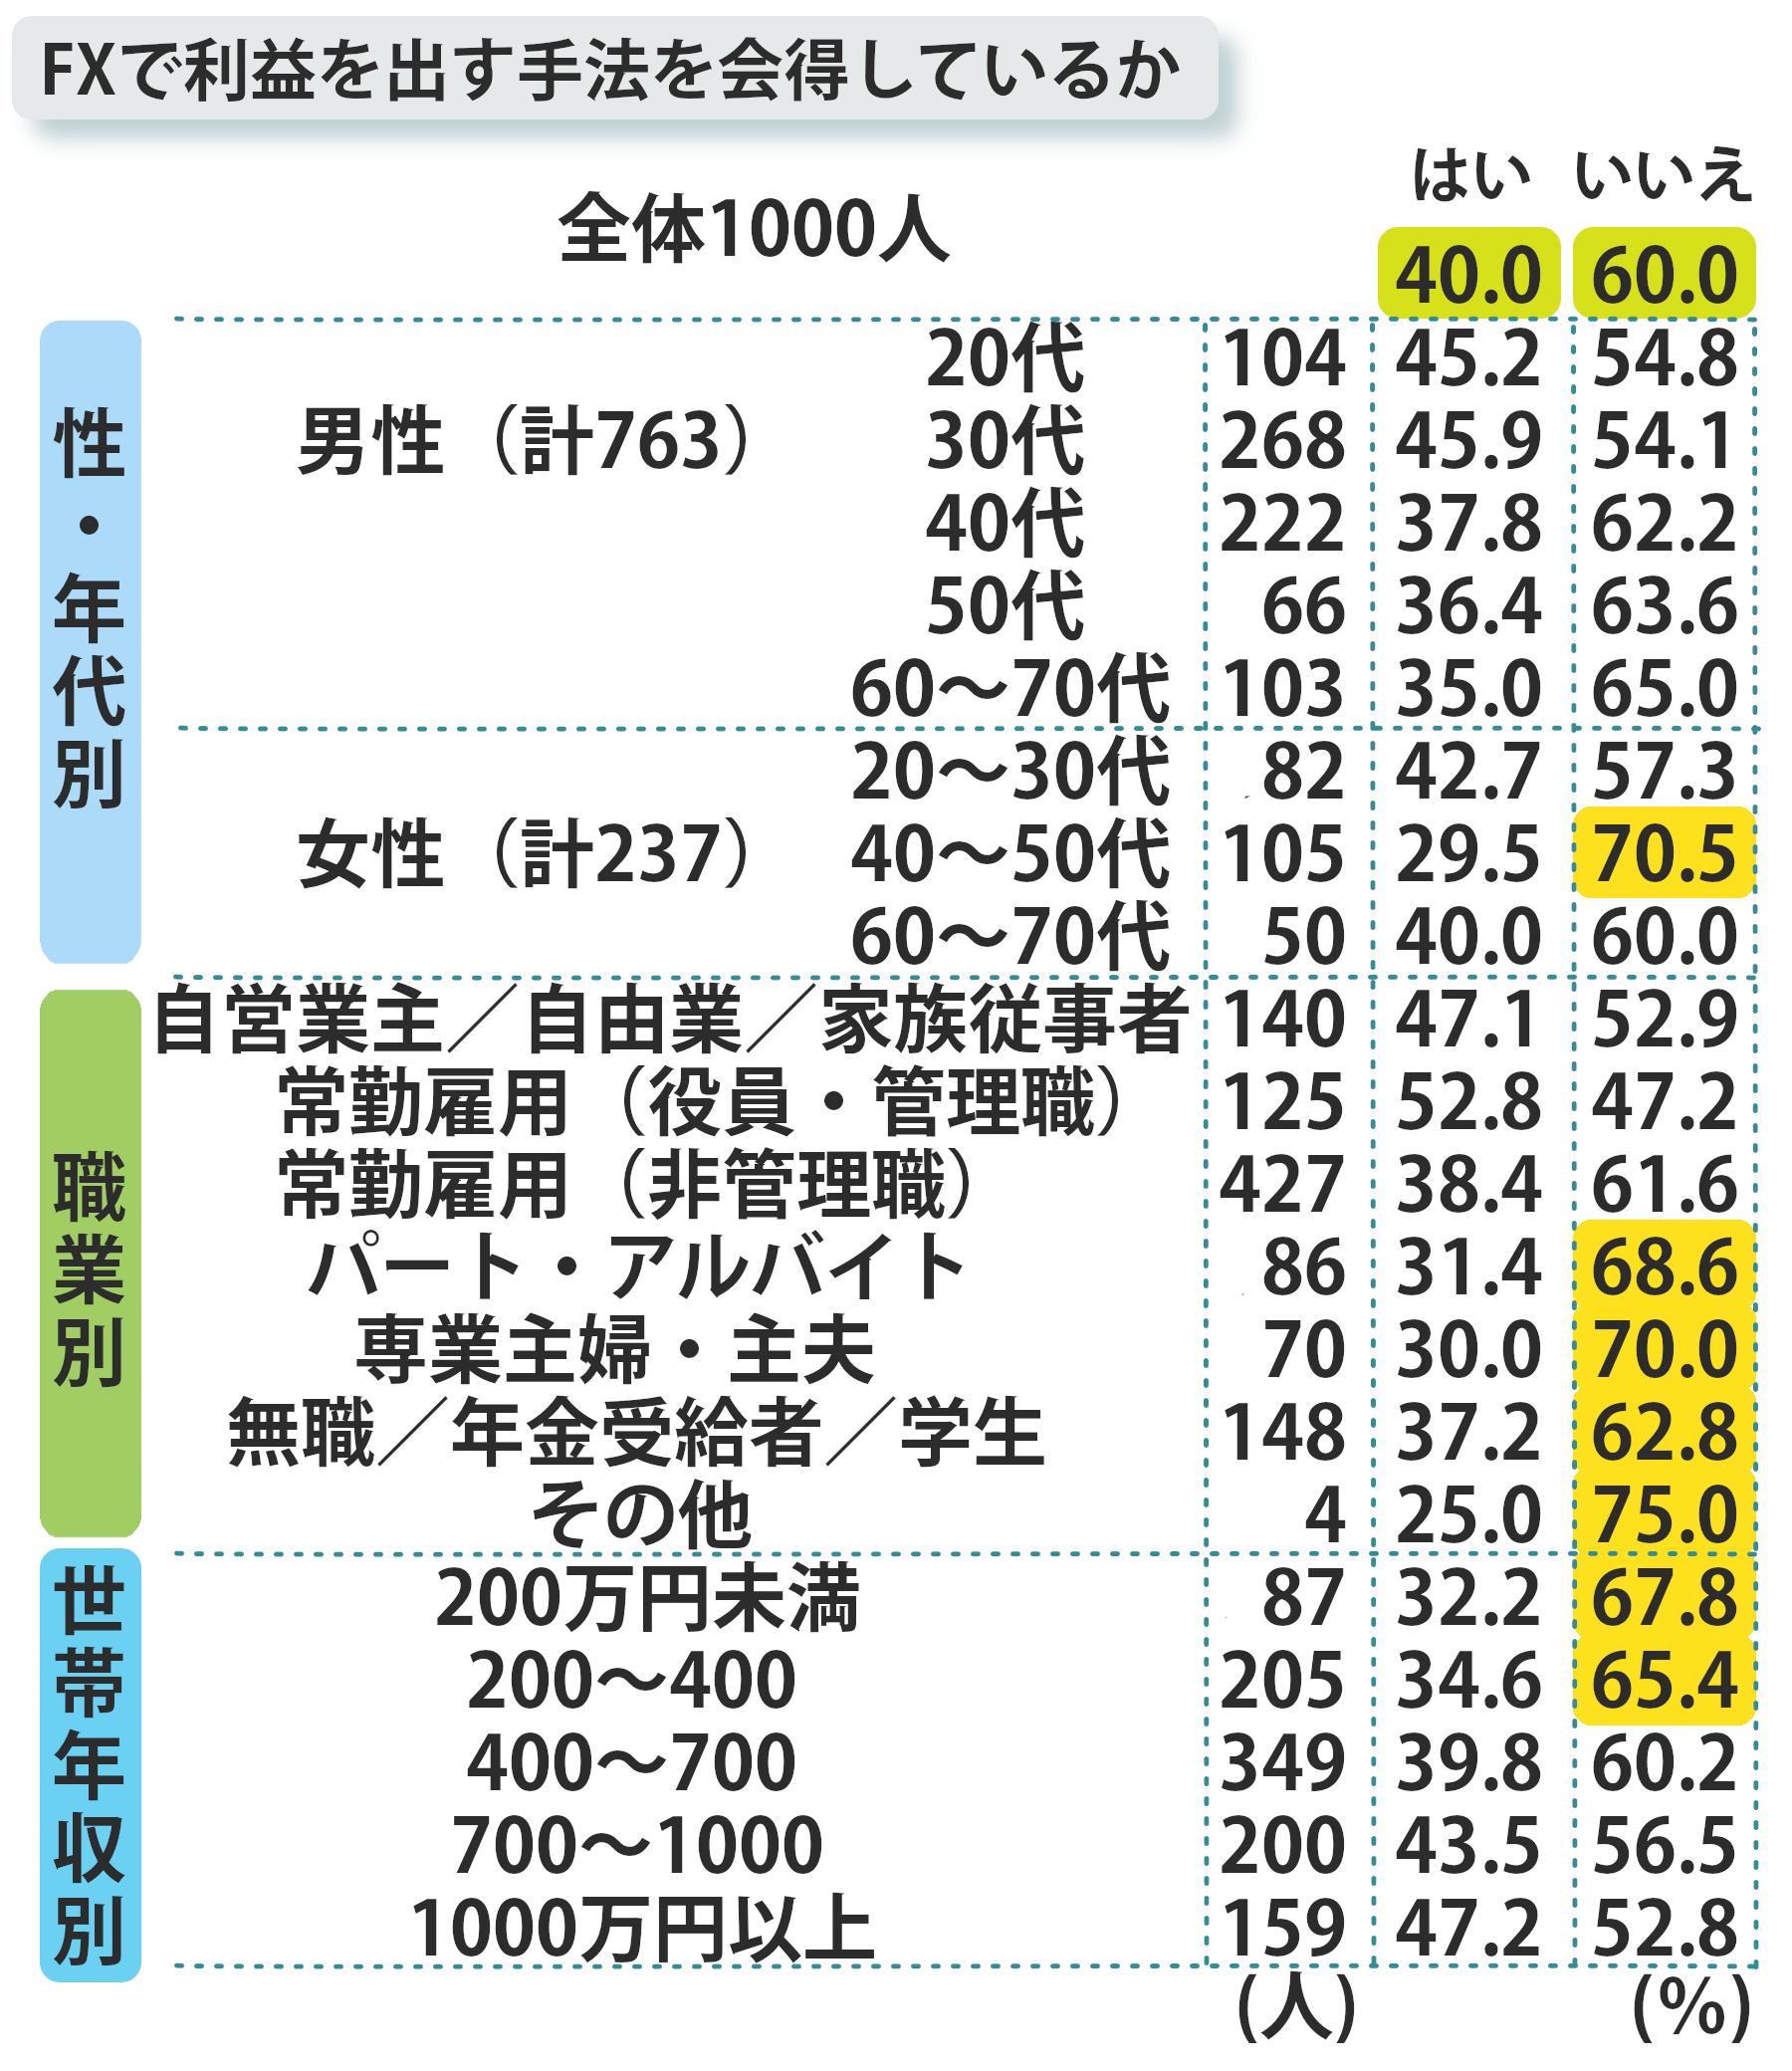 トレードで利益を出す手法を会得している割合年代別表